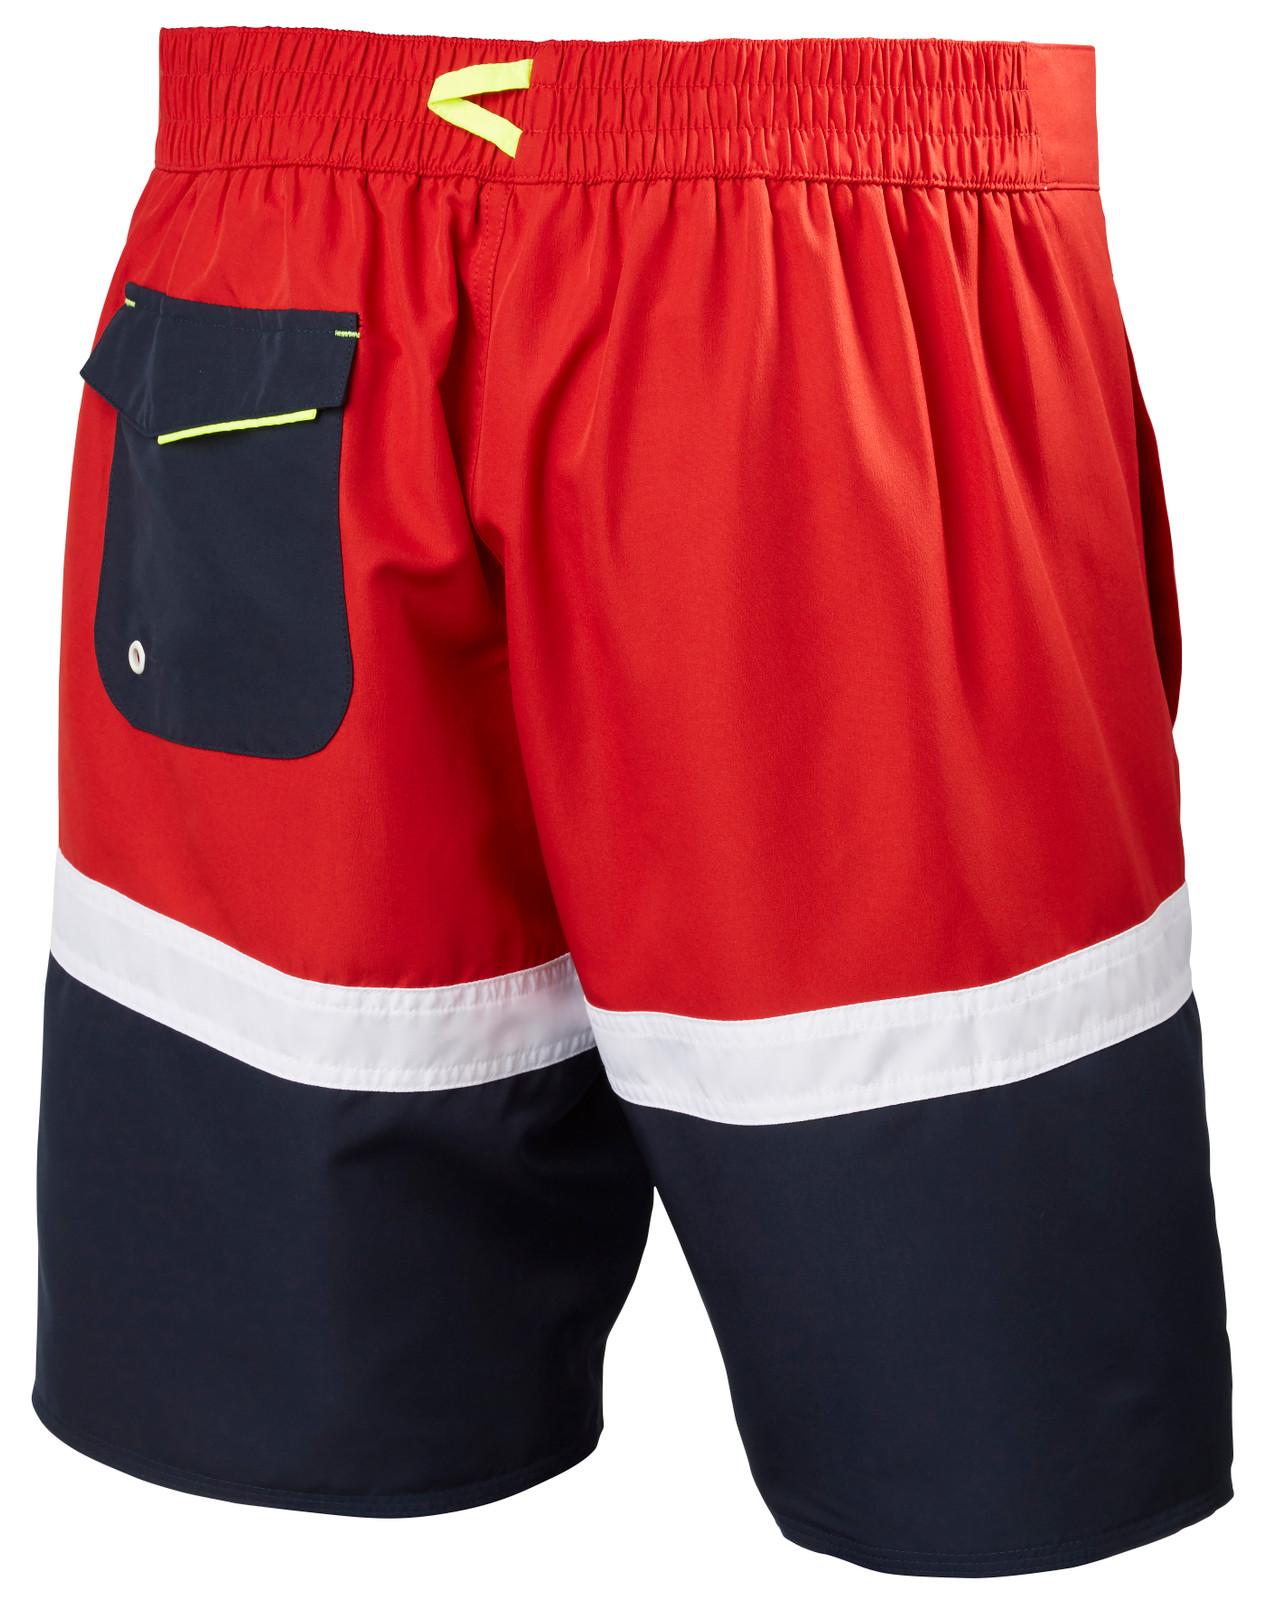 Helly Hansen Marstrand Trunk, Men's - Red/White/Navy, 33982-162 back